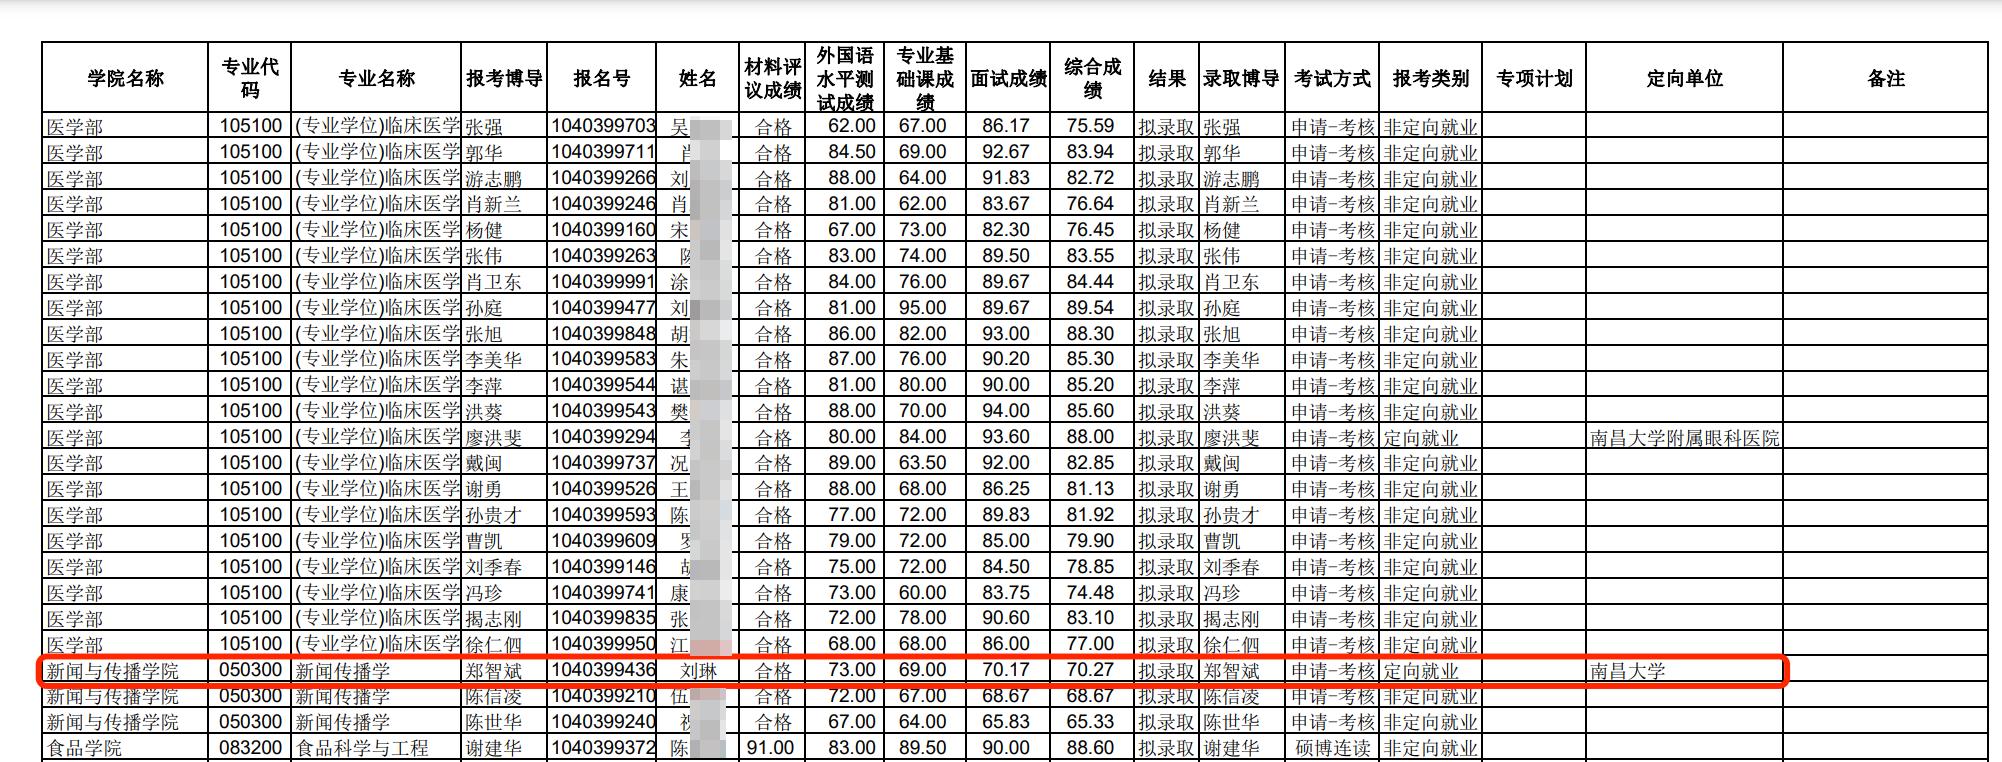 """南昌大学2021年攻读博士学位研究生硕博连读、""""申请-考核""""拟录取名单。南昌大学官网 图"""